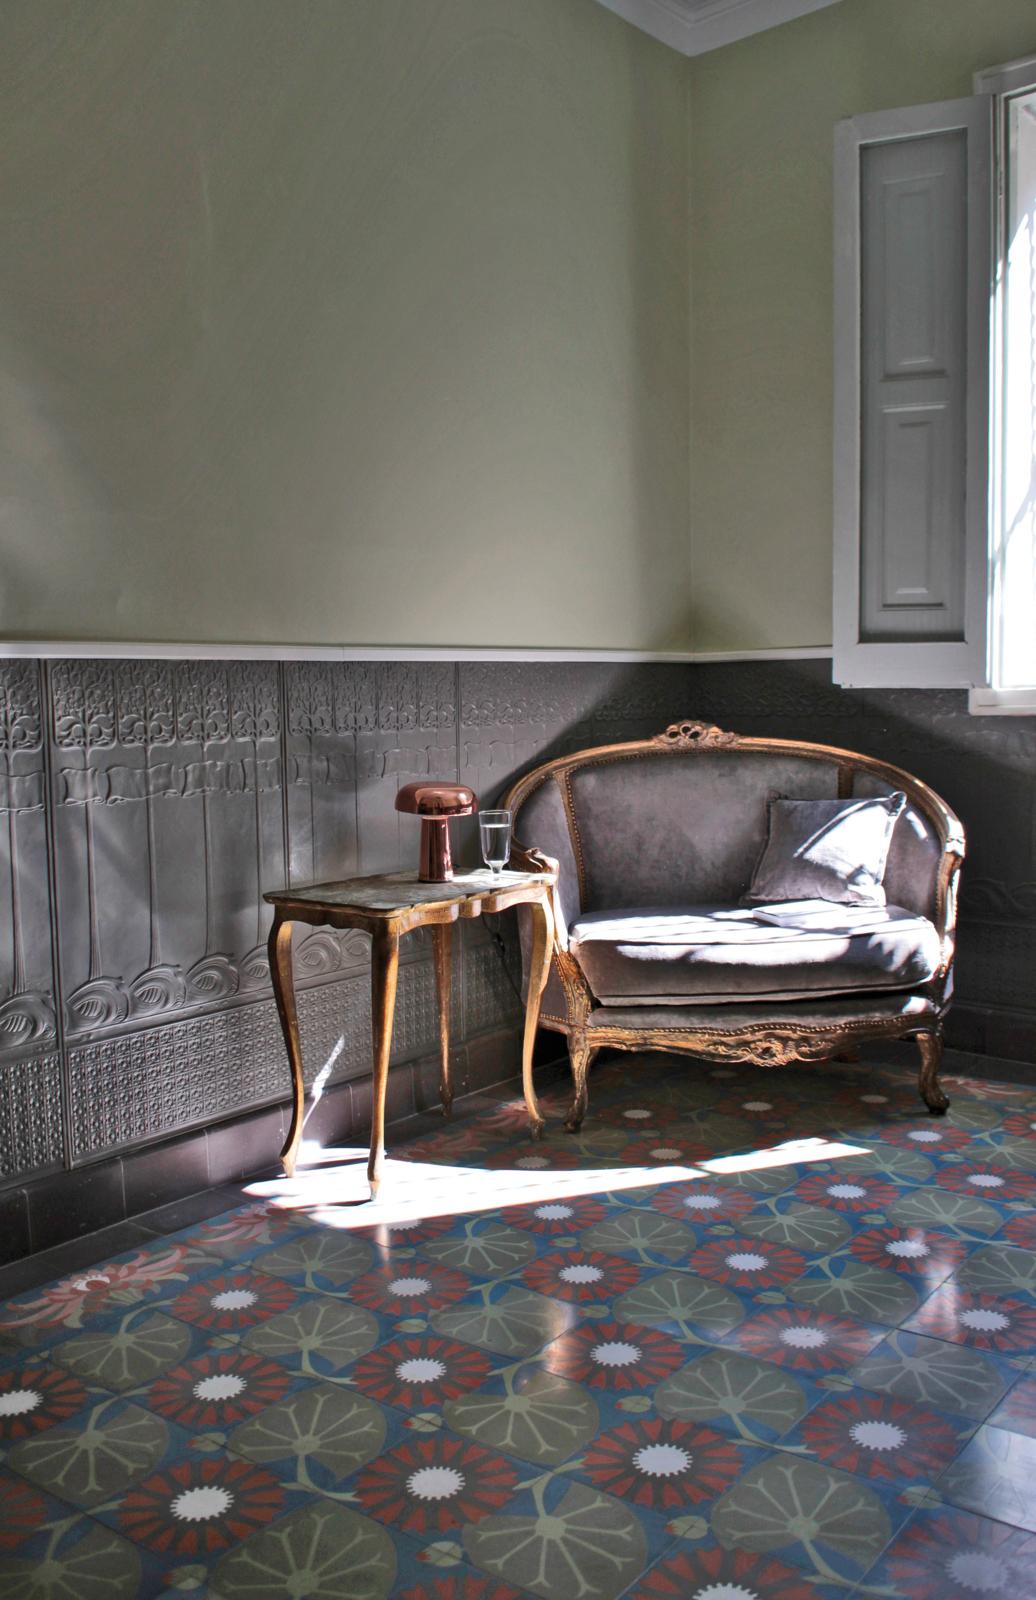 kreidefarbe-gruener-tee-107-spanischer-salon-zementfliesen-terrazzofliesen-viaplatten | Kreidefarbe Grüner Tee 2500 ml